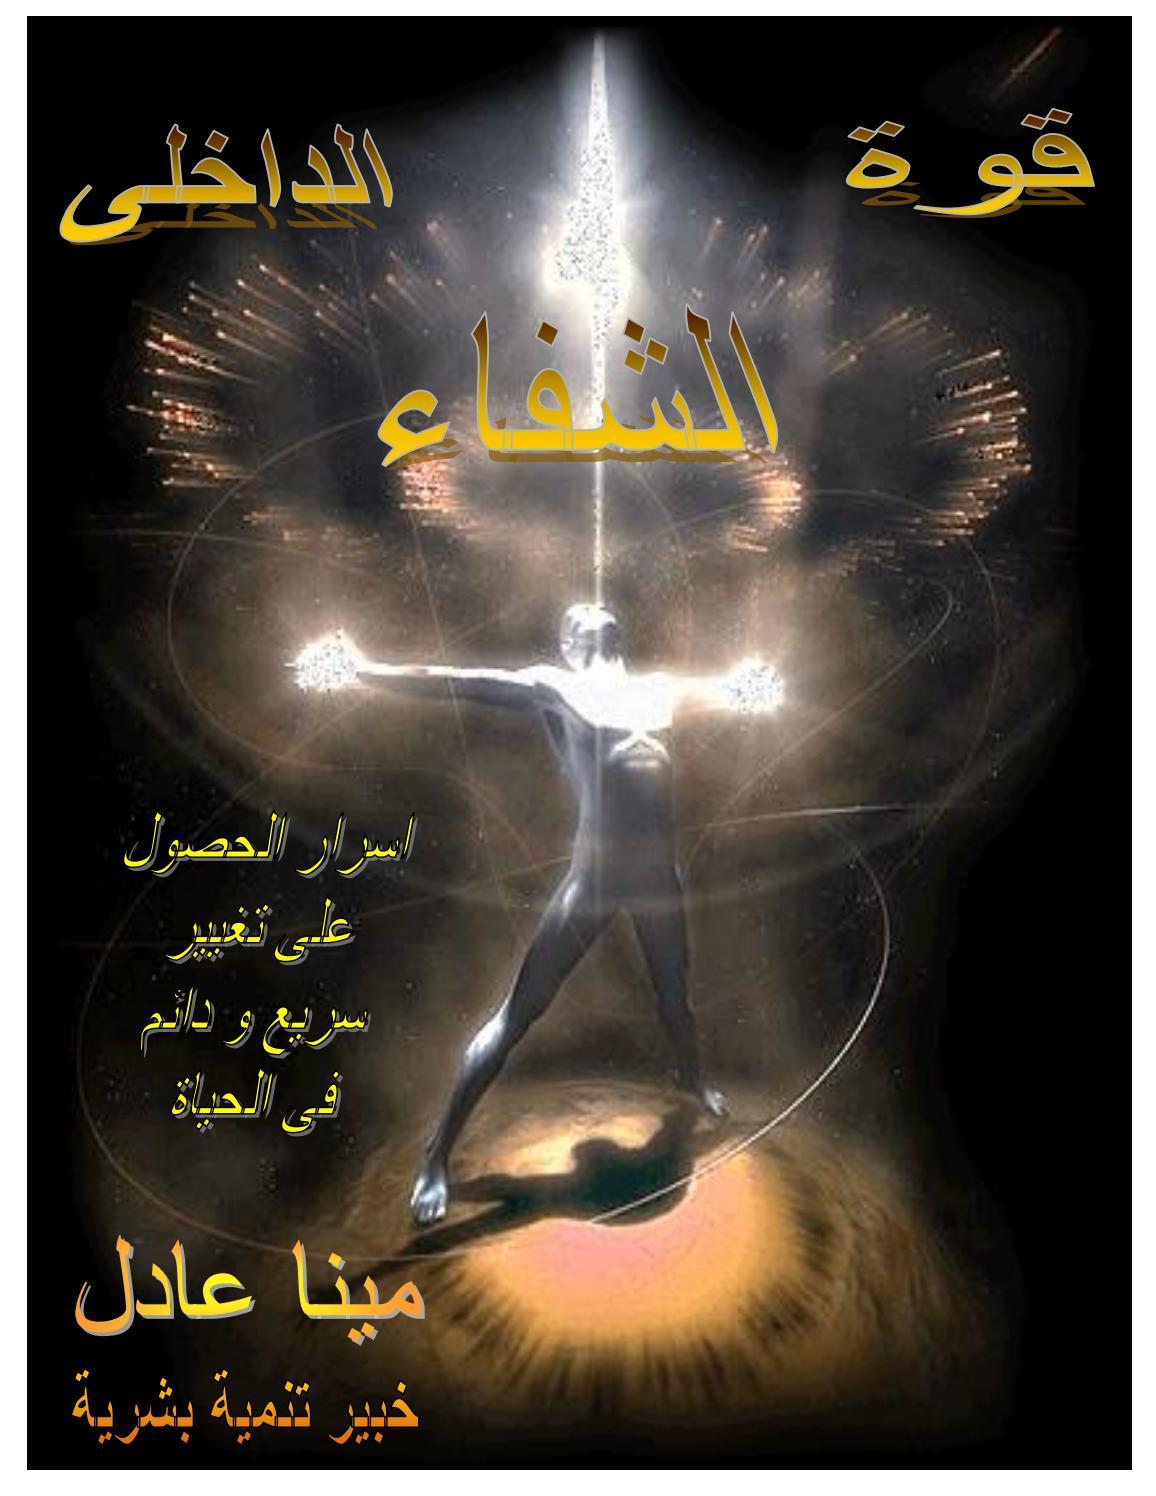 كتاب قوة الشفاء الداخلى دكتور مينا عادل By Drmina Adel Issuu